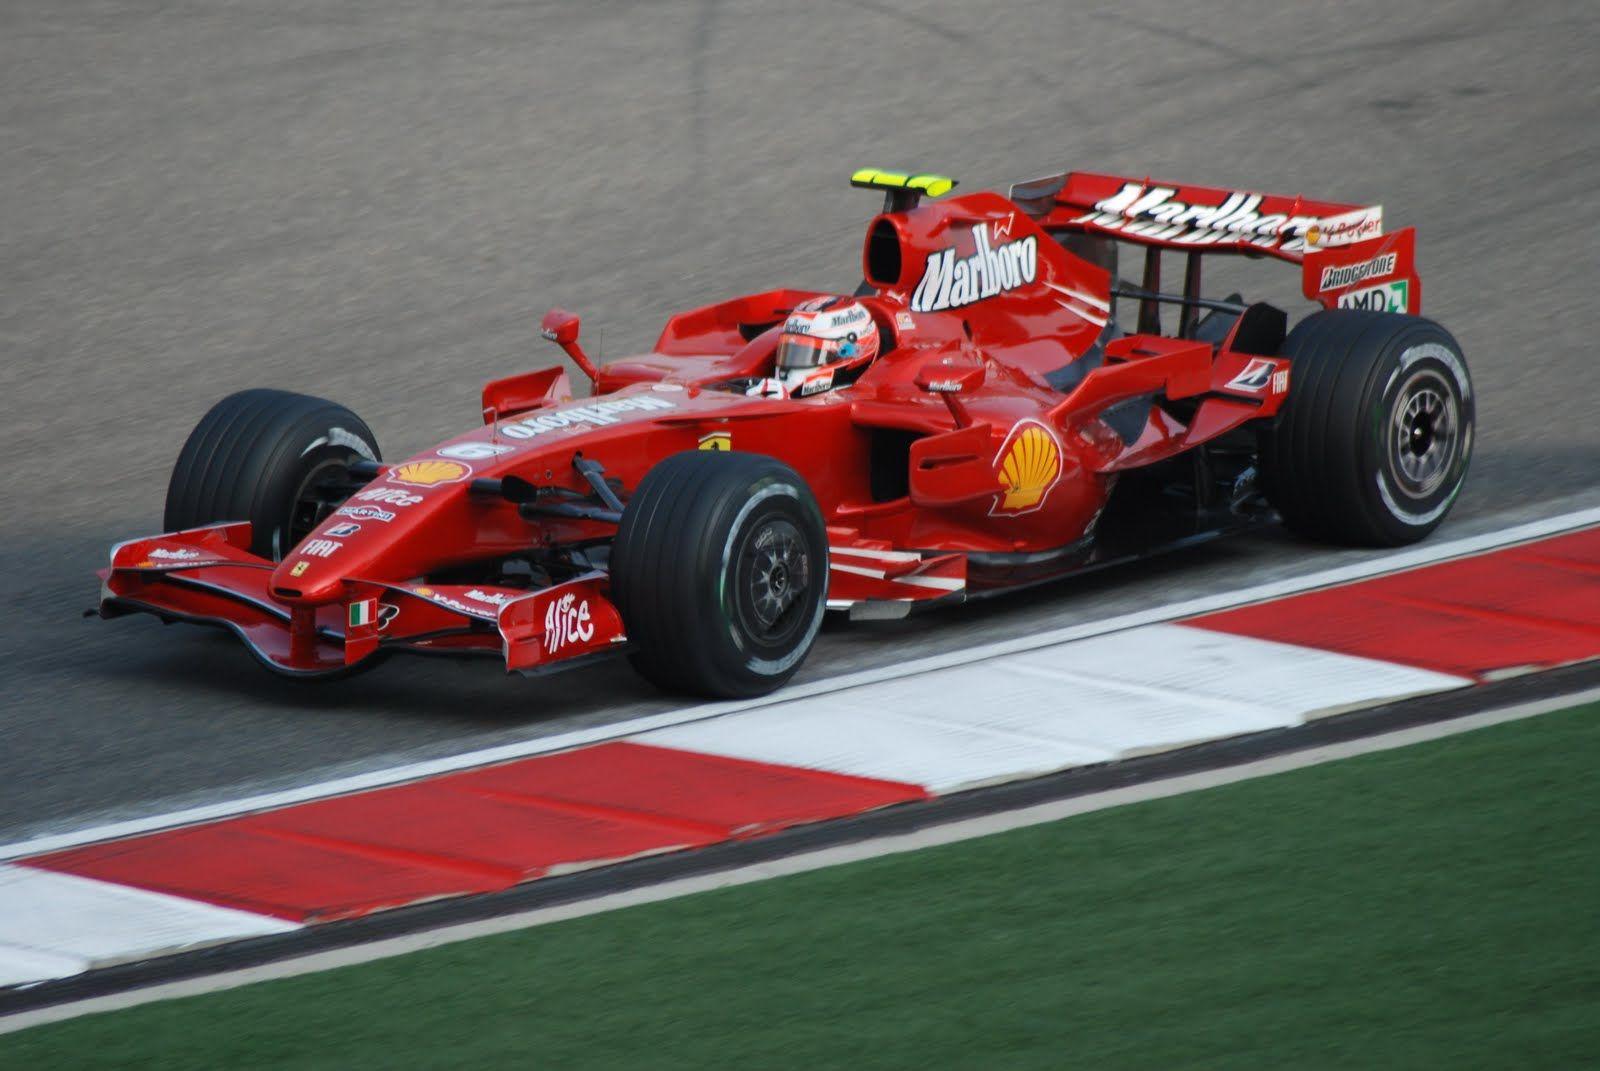 2007 Ferrari F2007 Kimi Raikkonen Ferrari F1 Ferrari Scuderia Ferrari